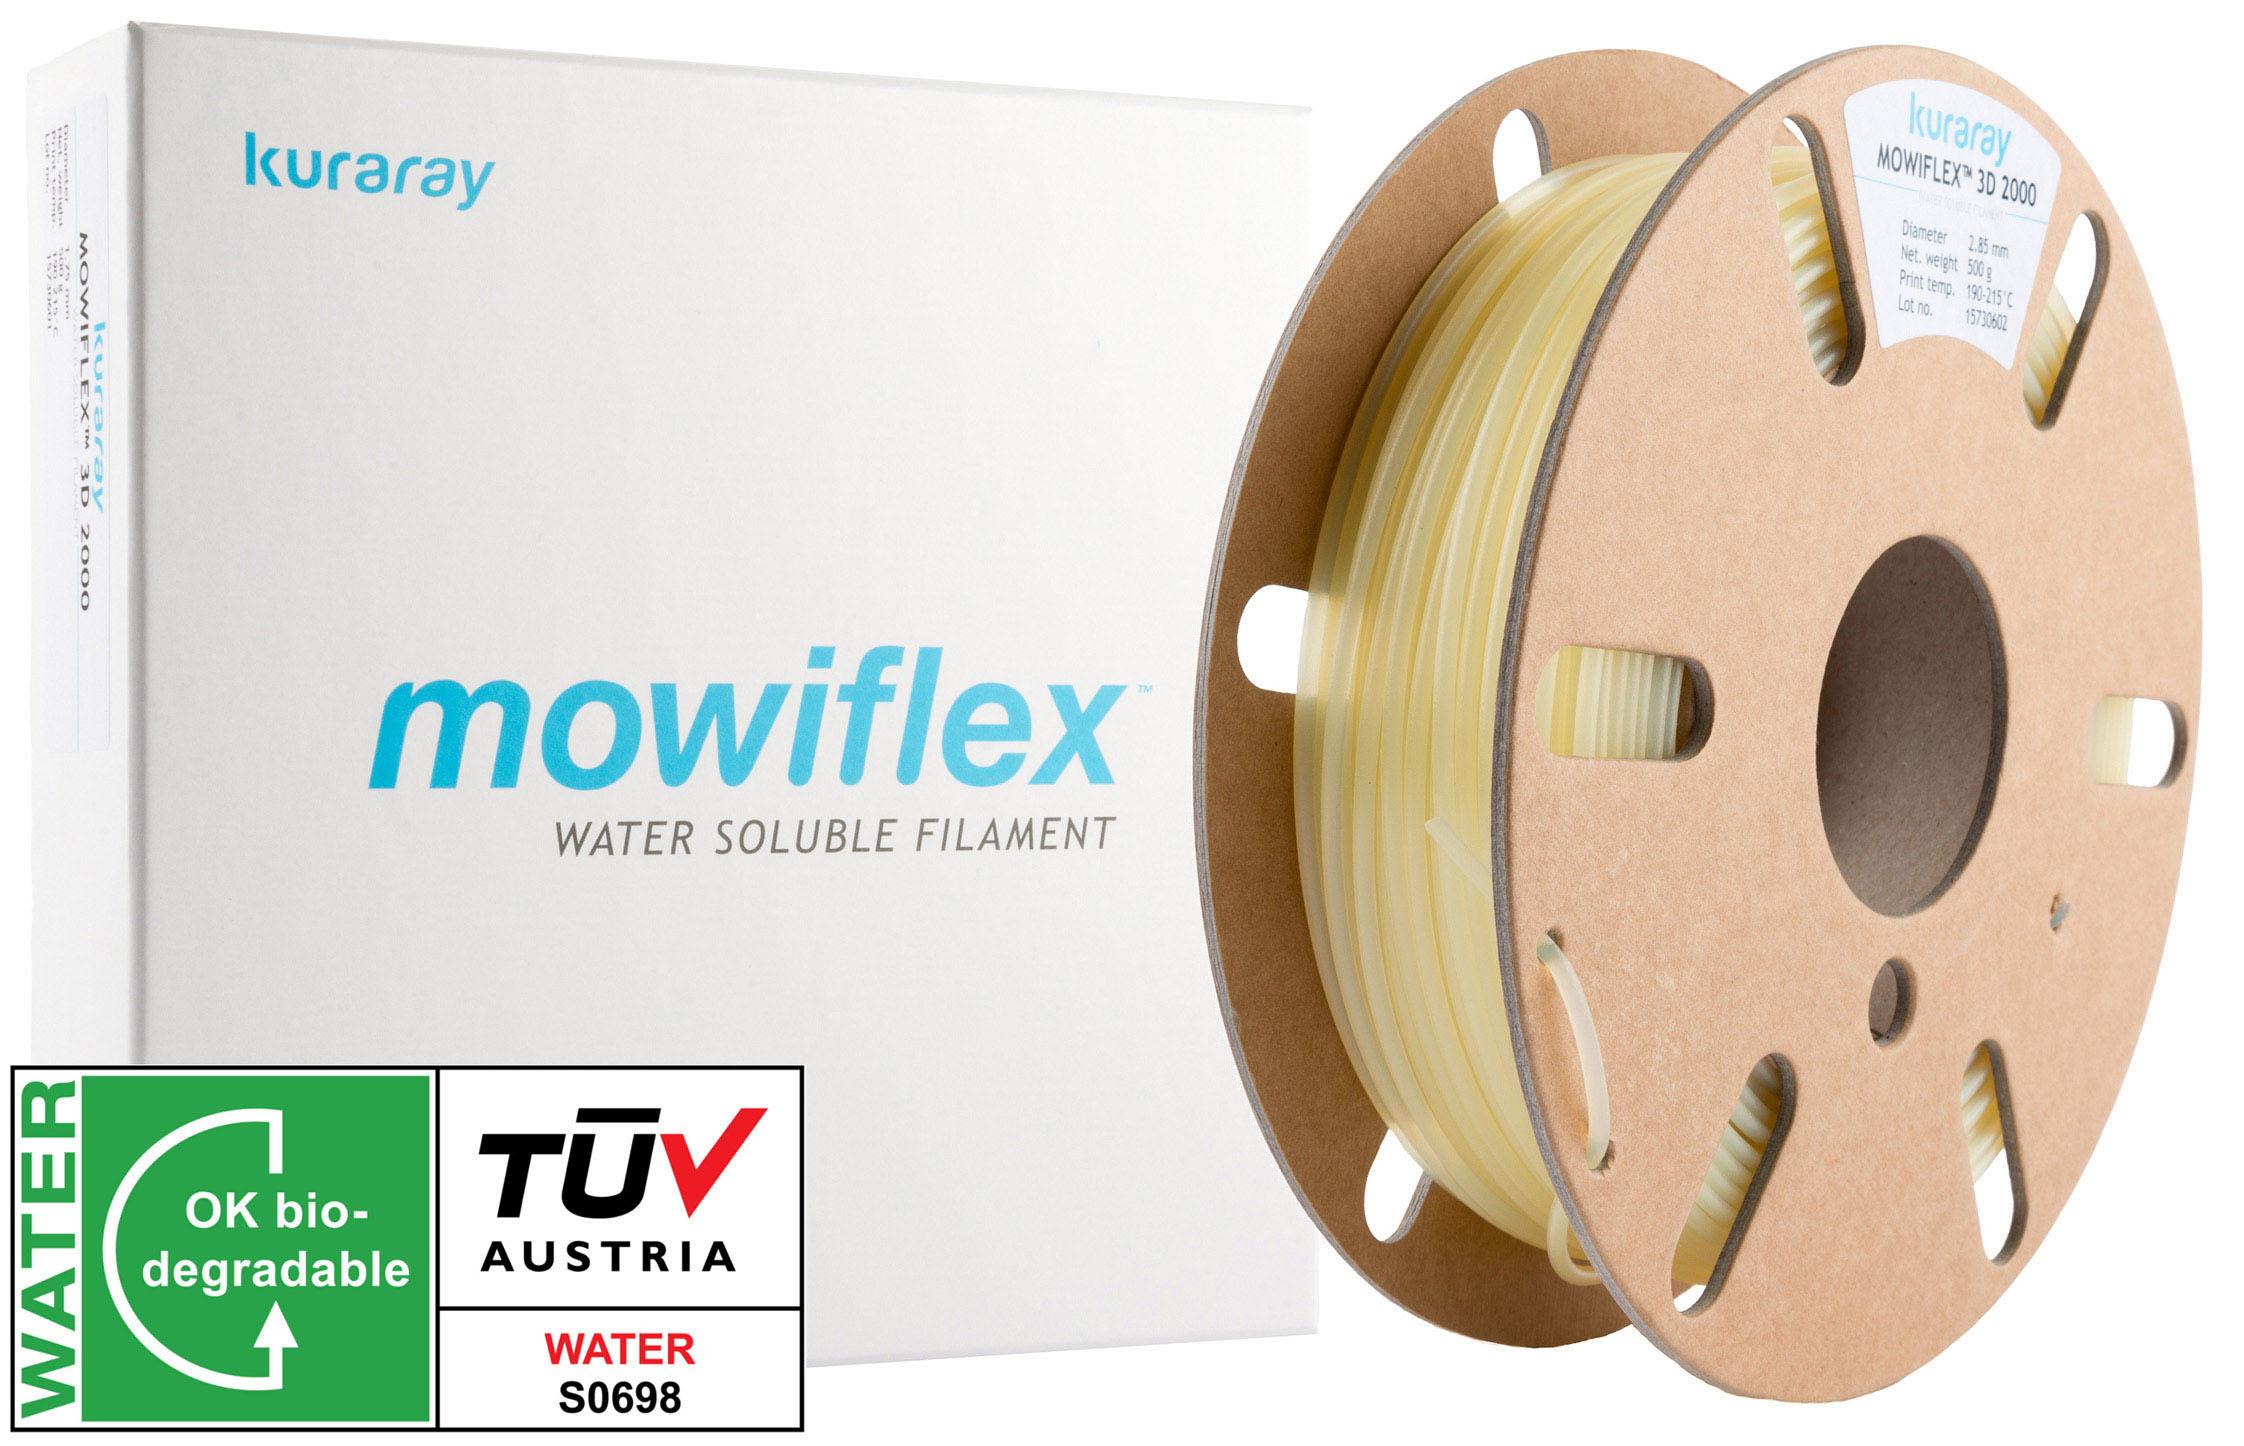 Mowiflex Verpackung und Rolle